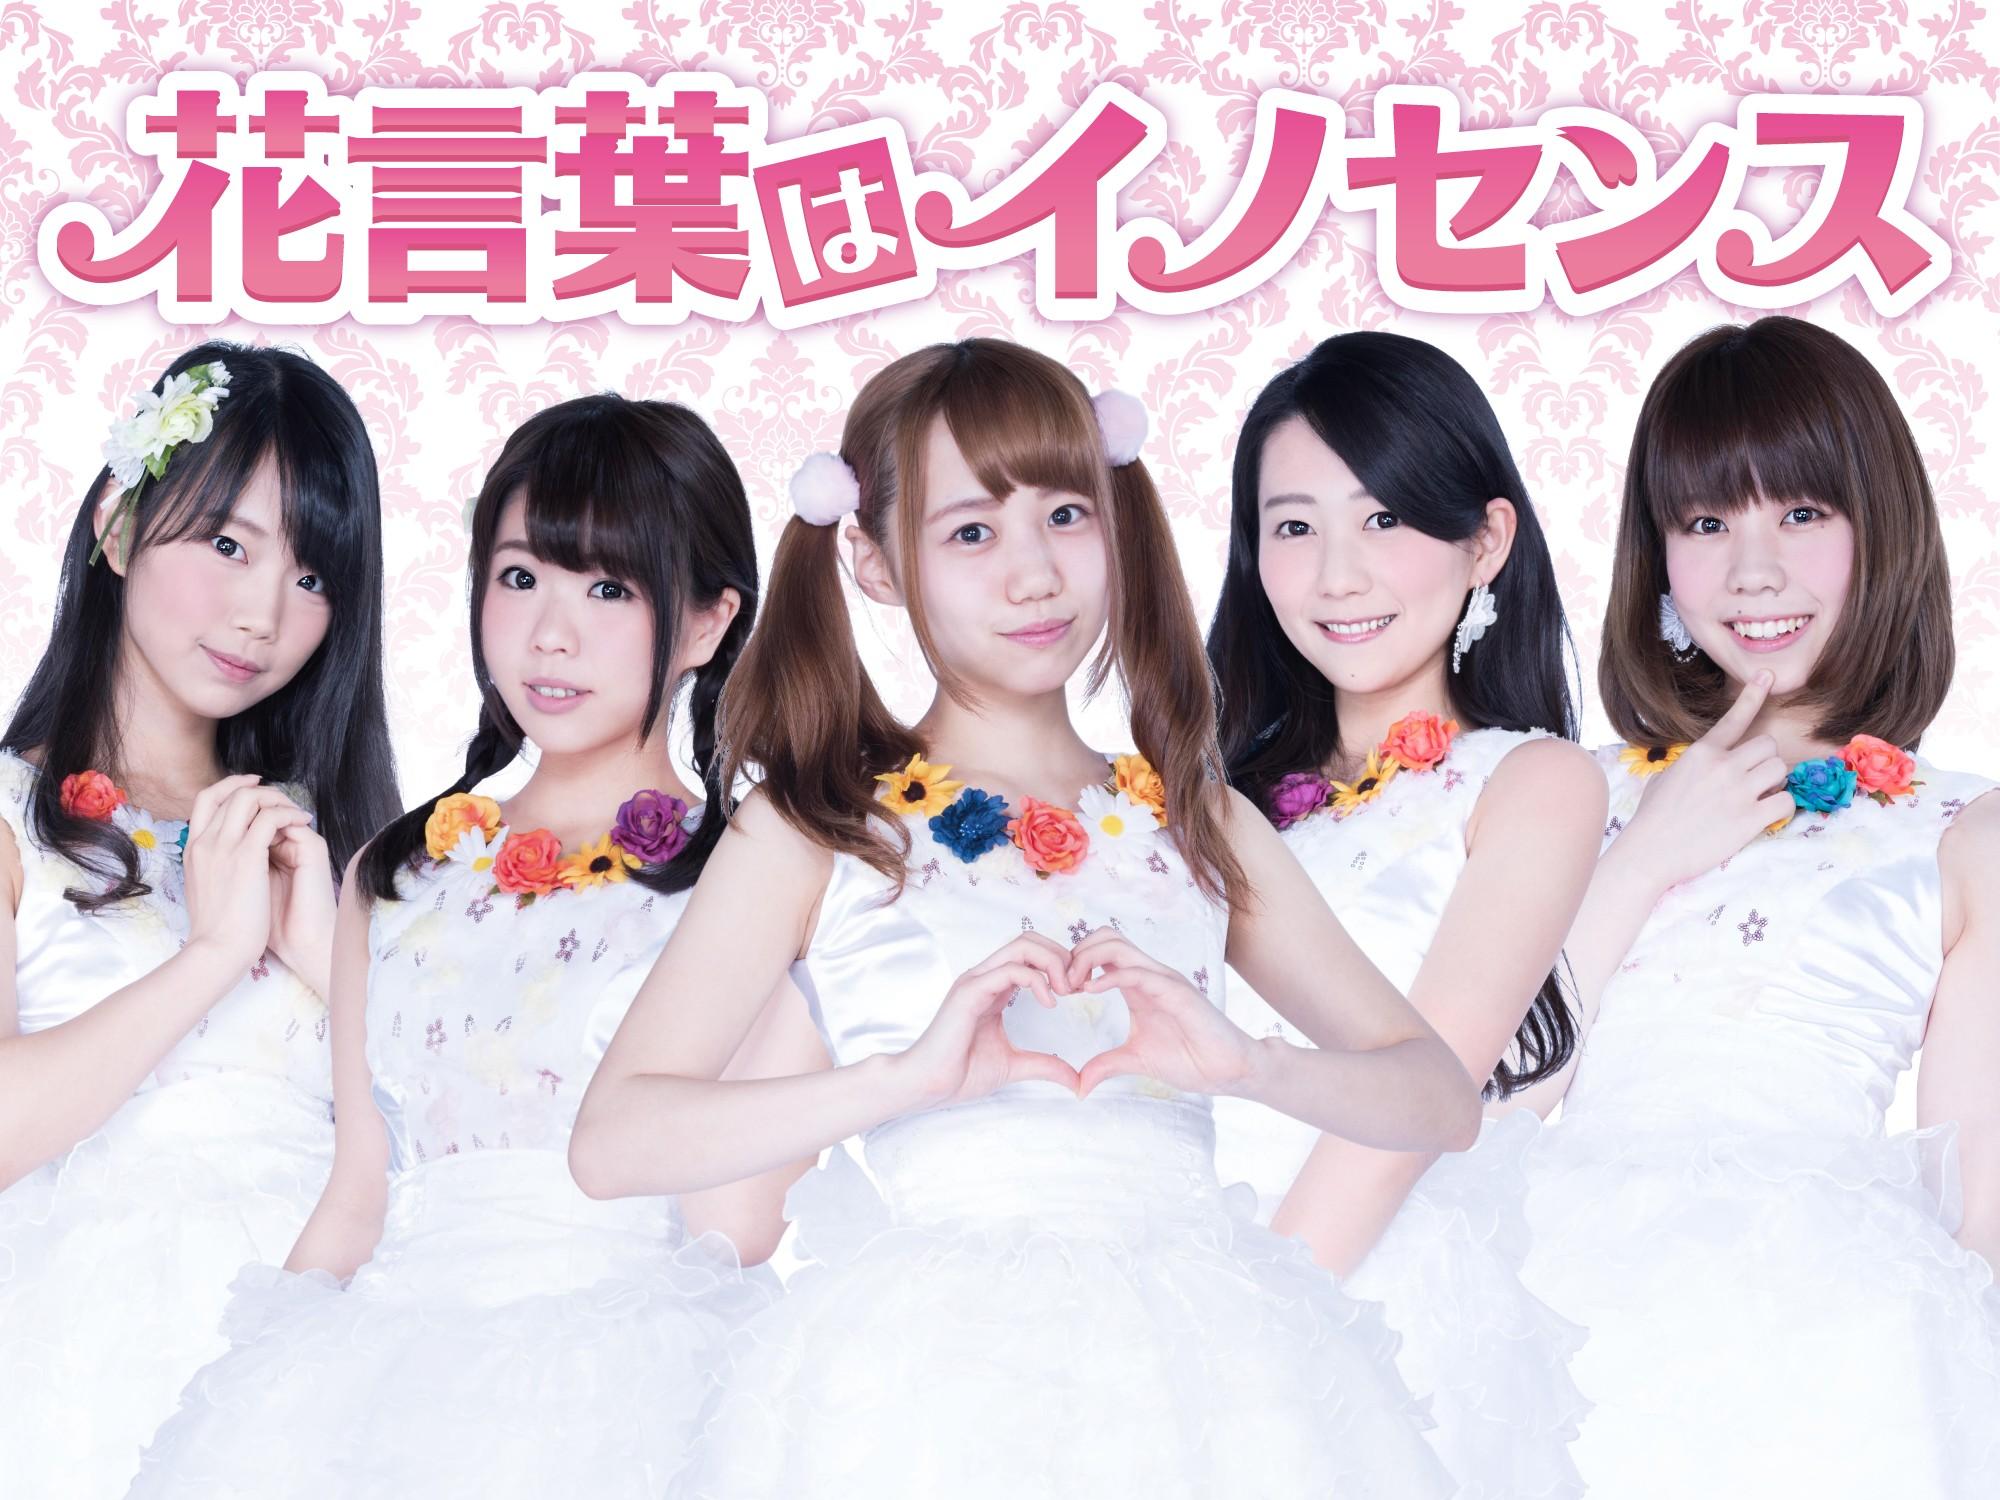 完全新規立ち上げの超正統派アイドルユニット『アルジャーノンに花束を』メンバー募集!!@第二回